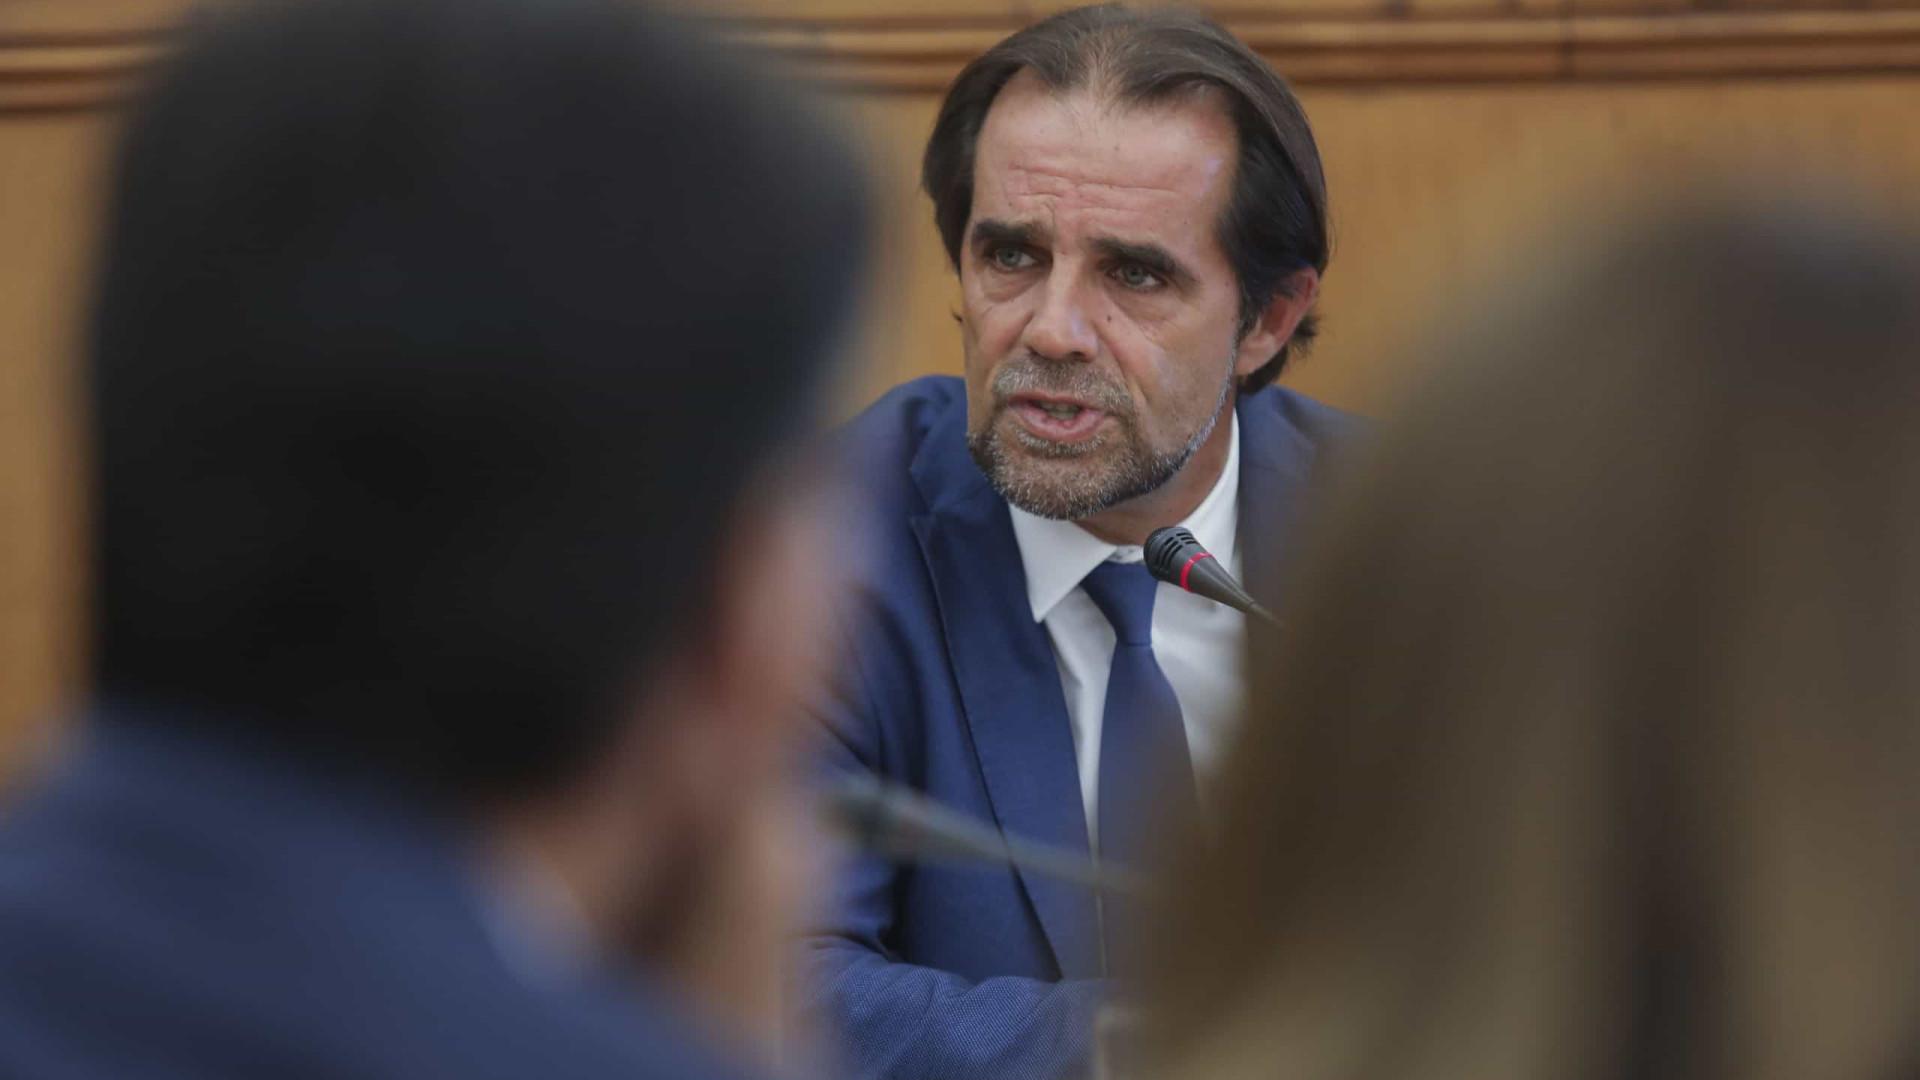 Miguel Albuquerque reeleito presidente do PSD/Madeira com 98,4% de votos